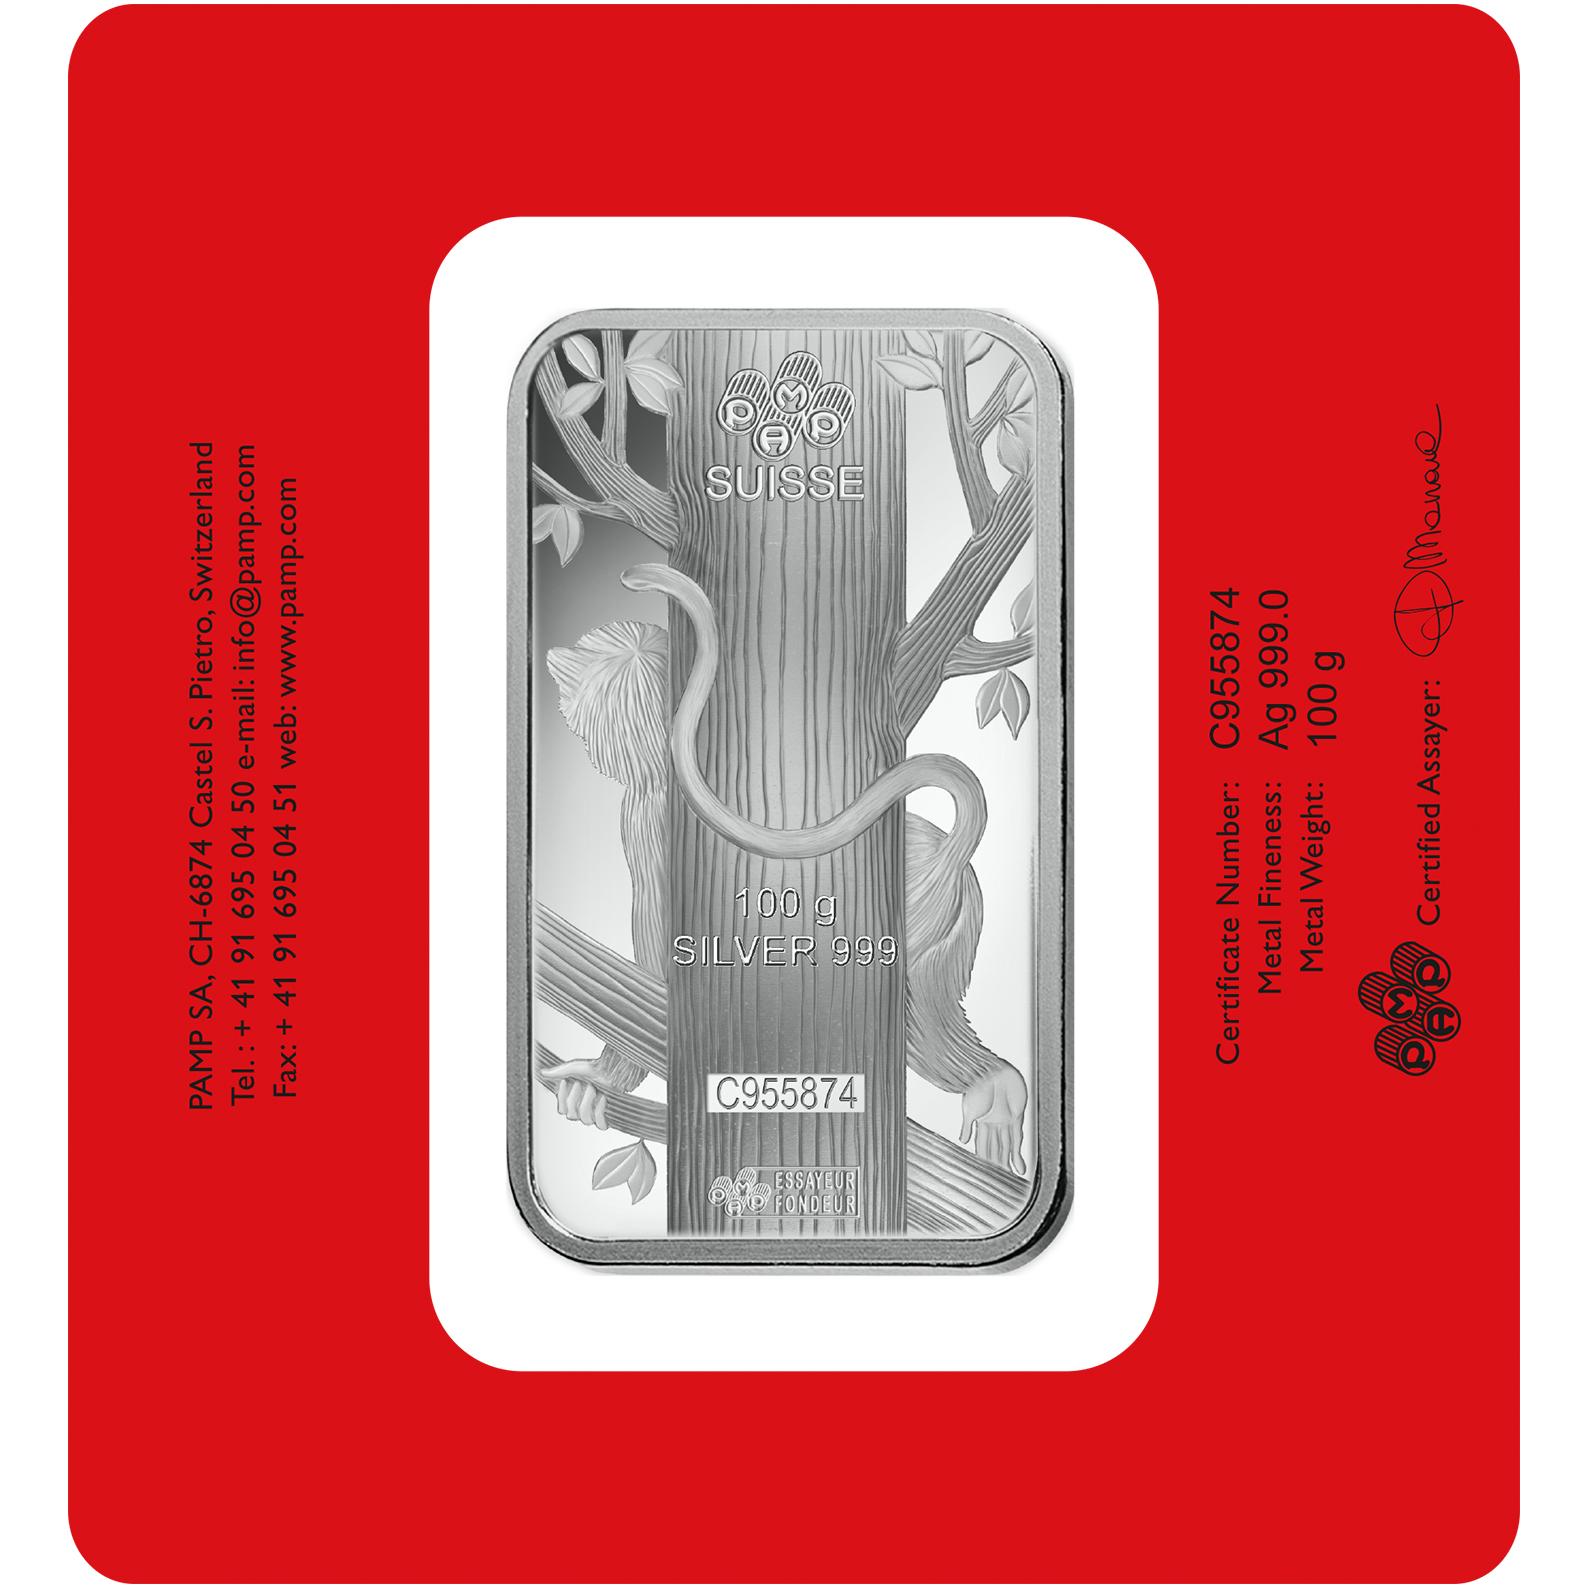 Lingotin d'argent de 100 grammes - PAMP Suisse Lunar Singe